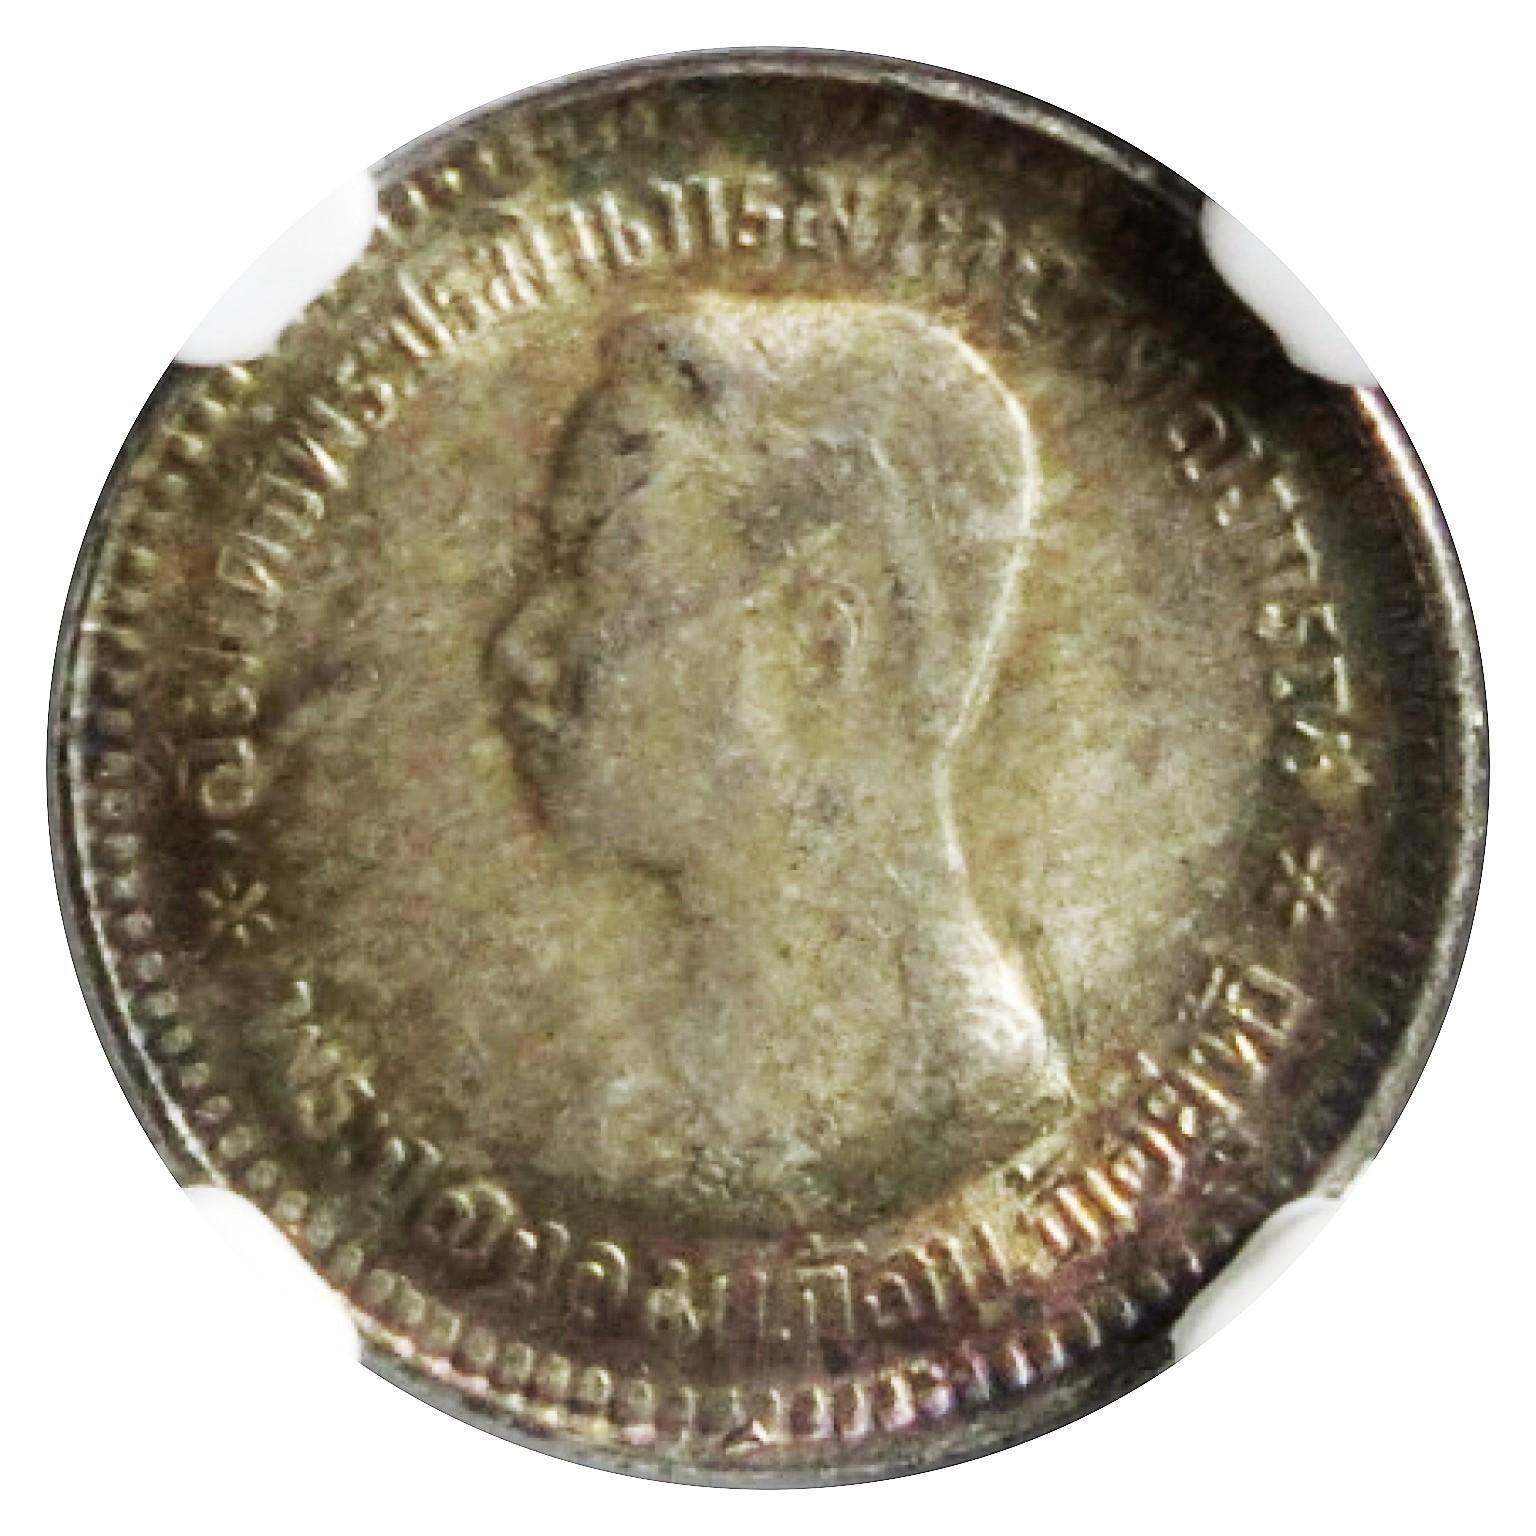 เหรียญเงินเฟื้อง ตราแผ่นดิน รัชกาลที่5 ร.ศ.126 MS63